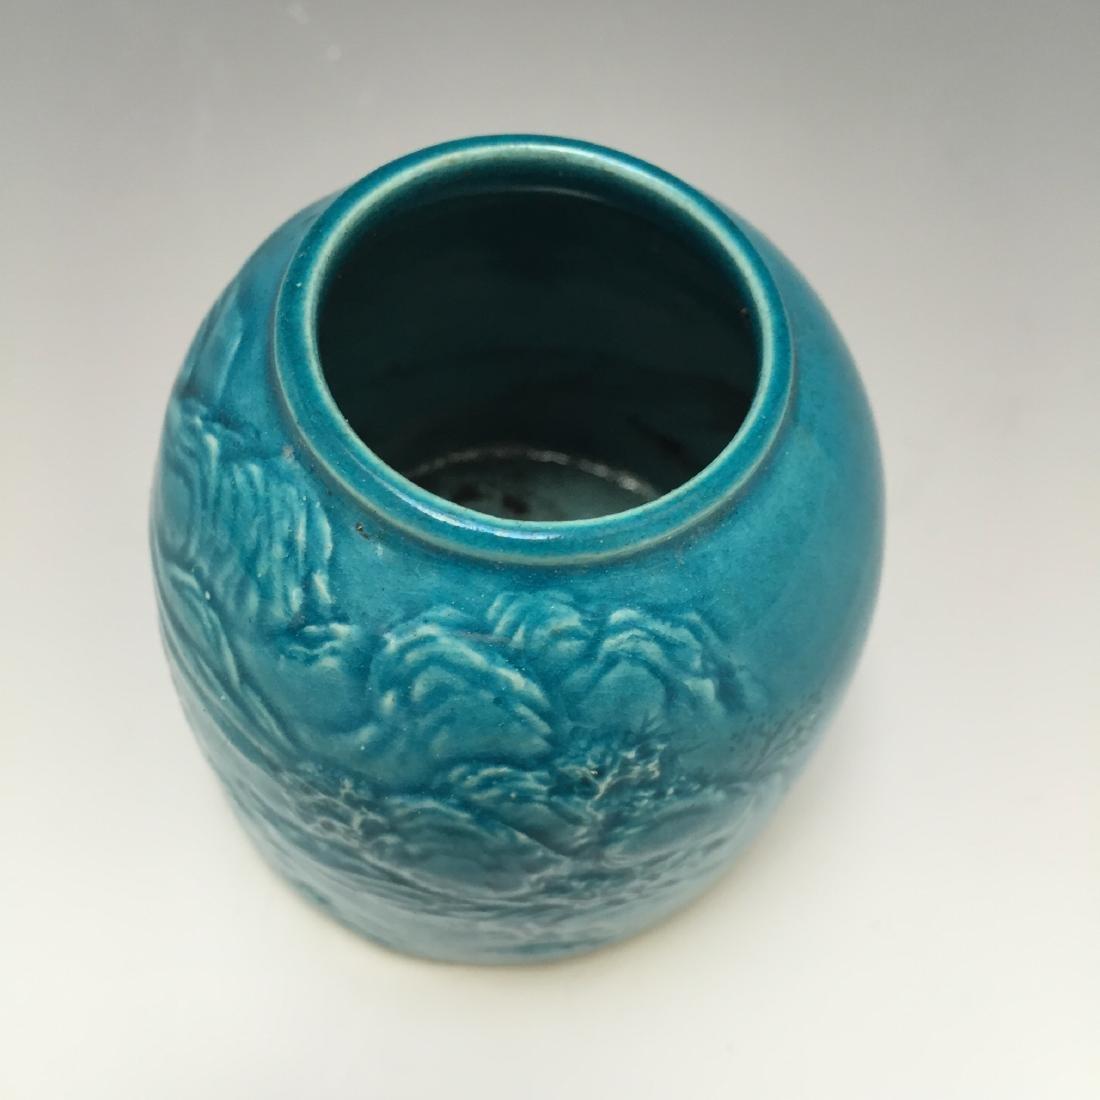 A BLUE GLAZED PORCELAIN WATER DROPPER, REPUBLIC PERIOD - 3